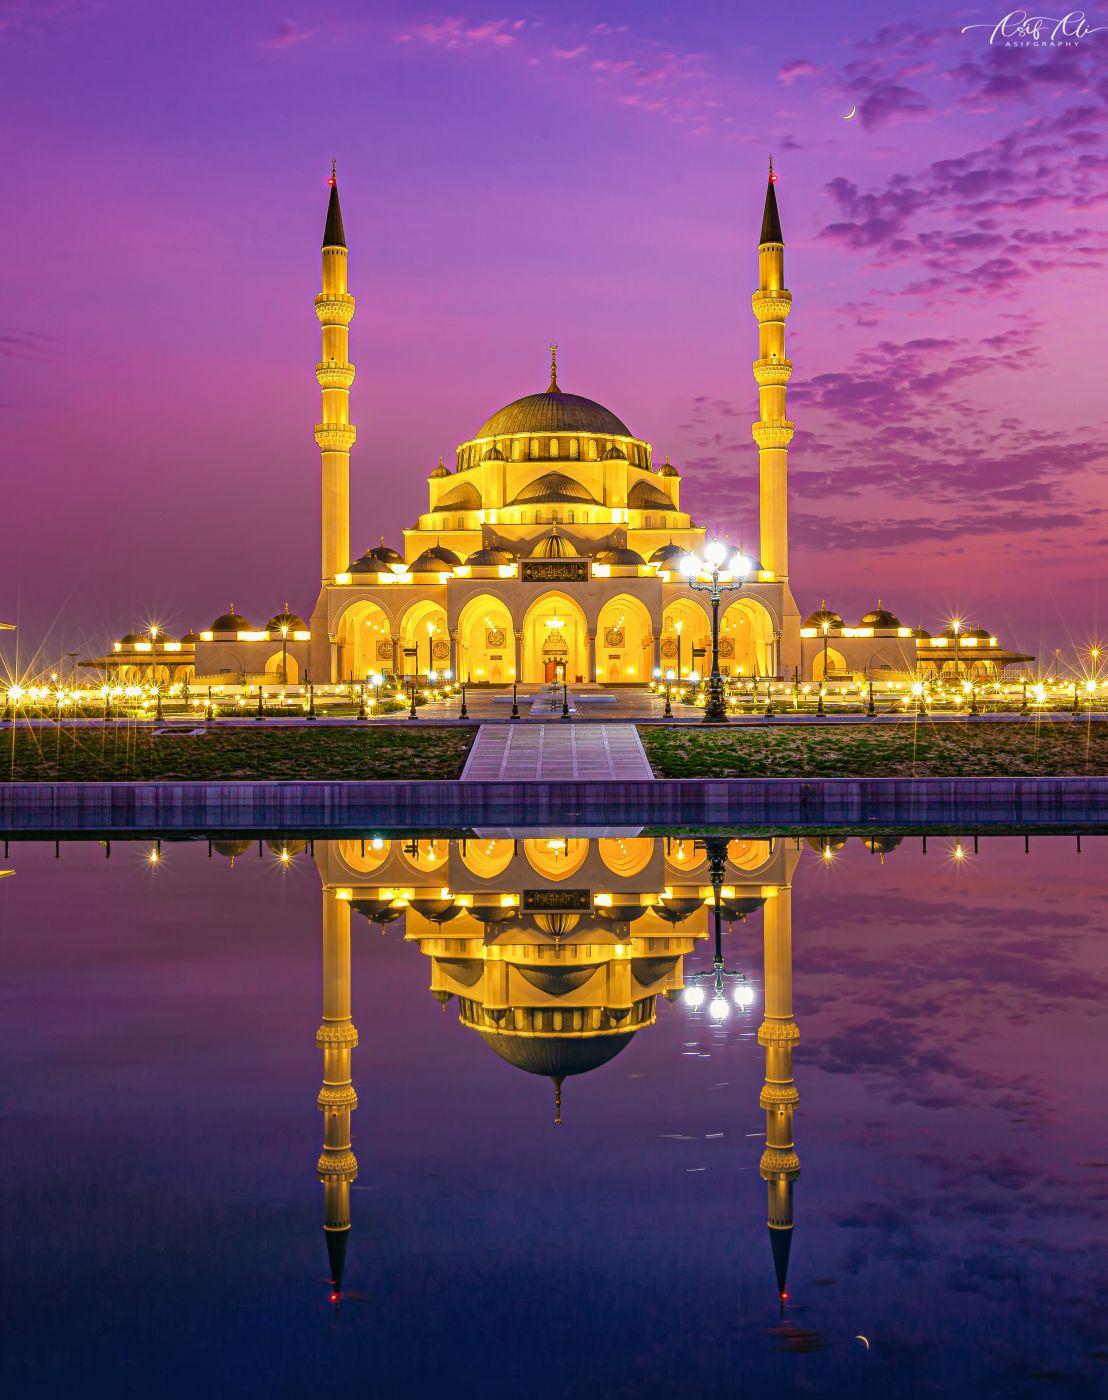 Sharjah Mosque, United Arab Emirates